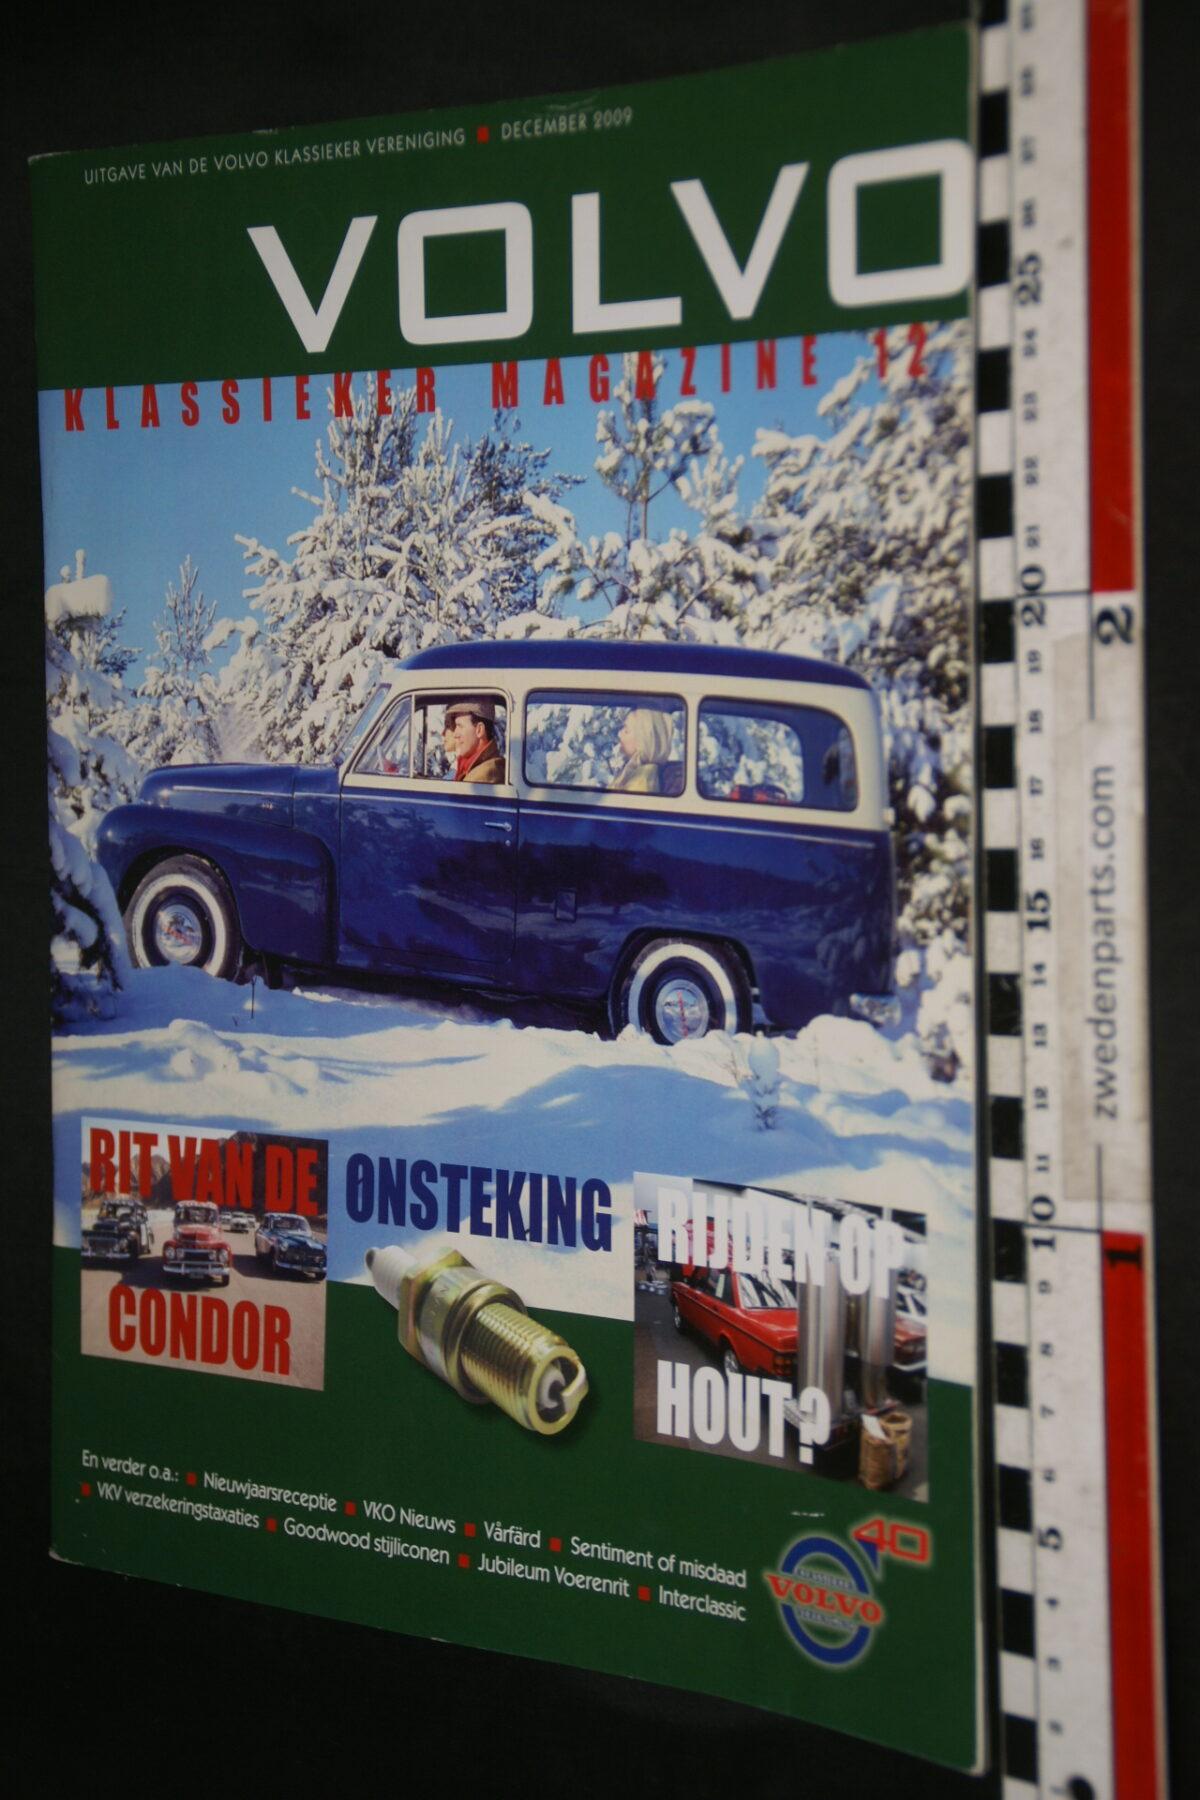 DSC09212 2009 december tijdschrift VKM Volvoclub